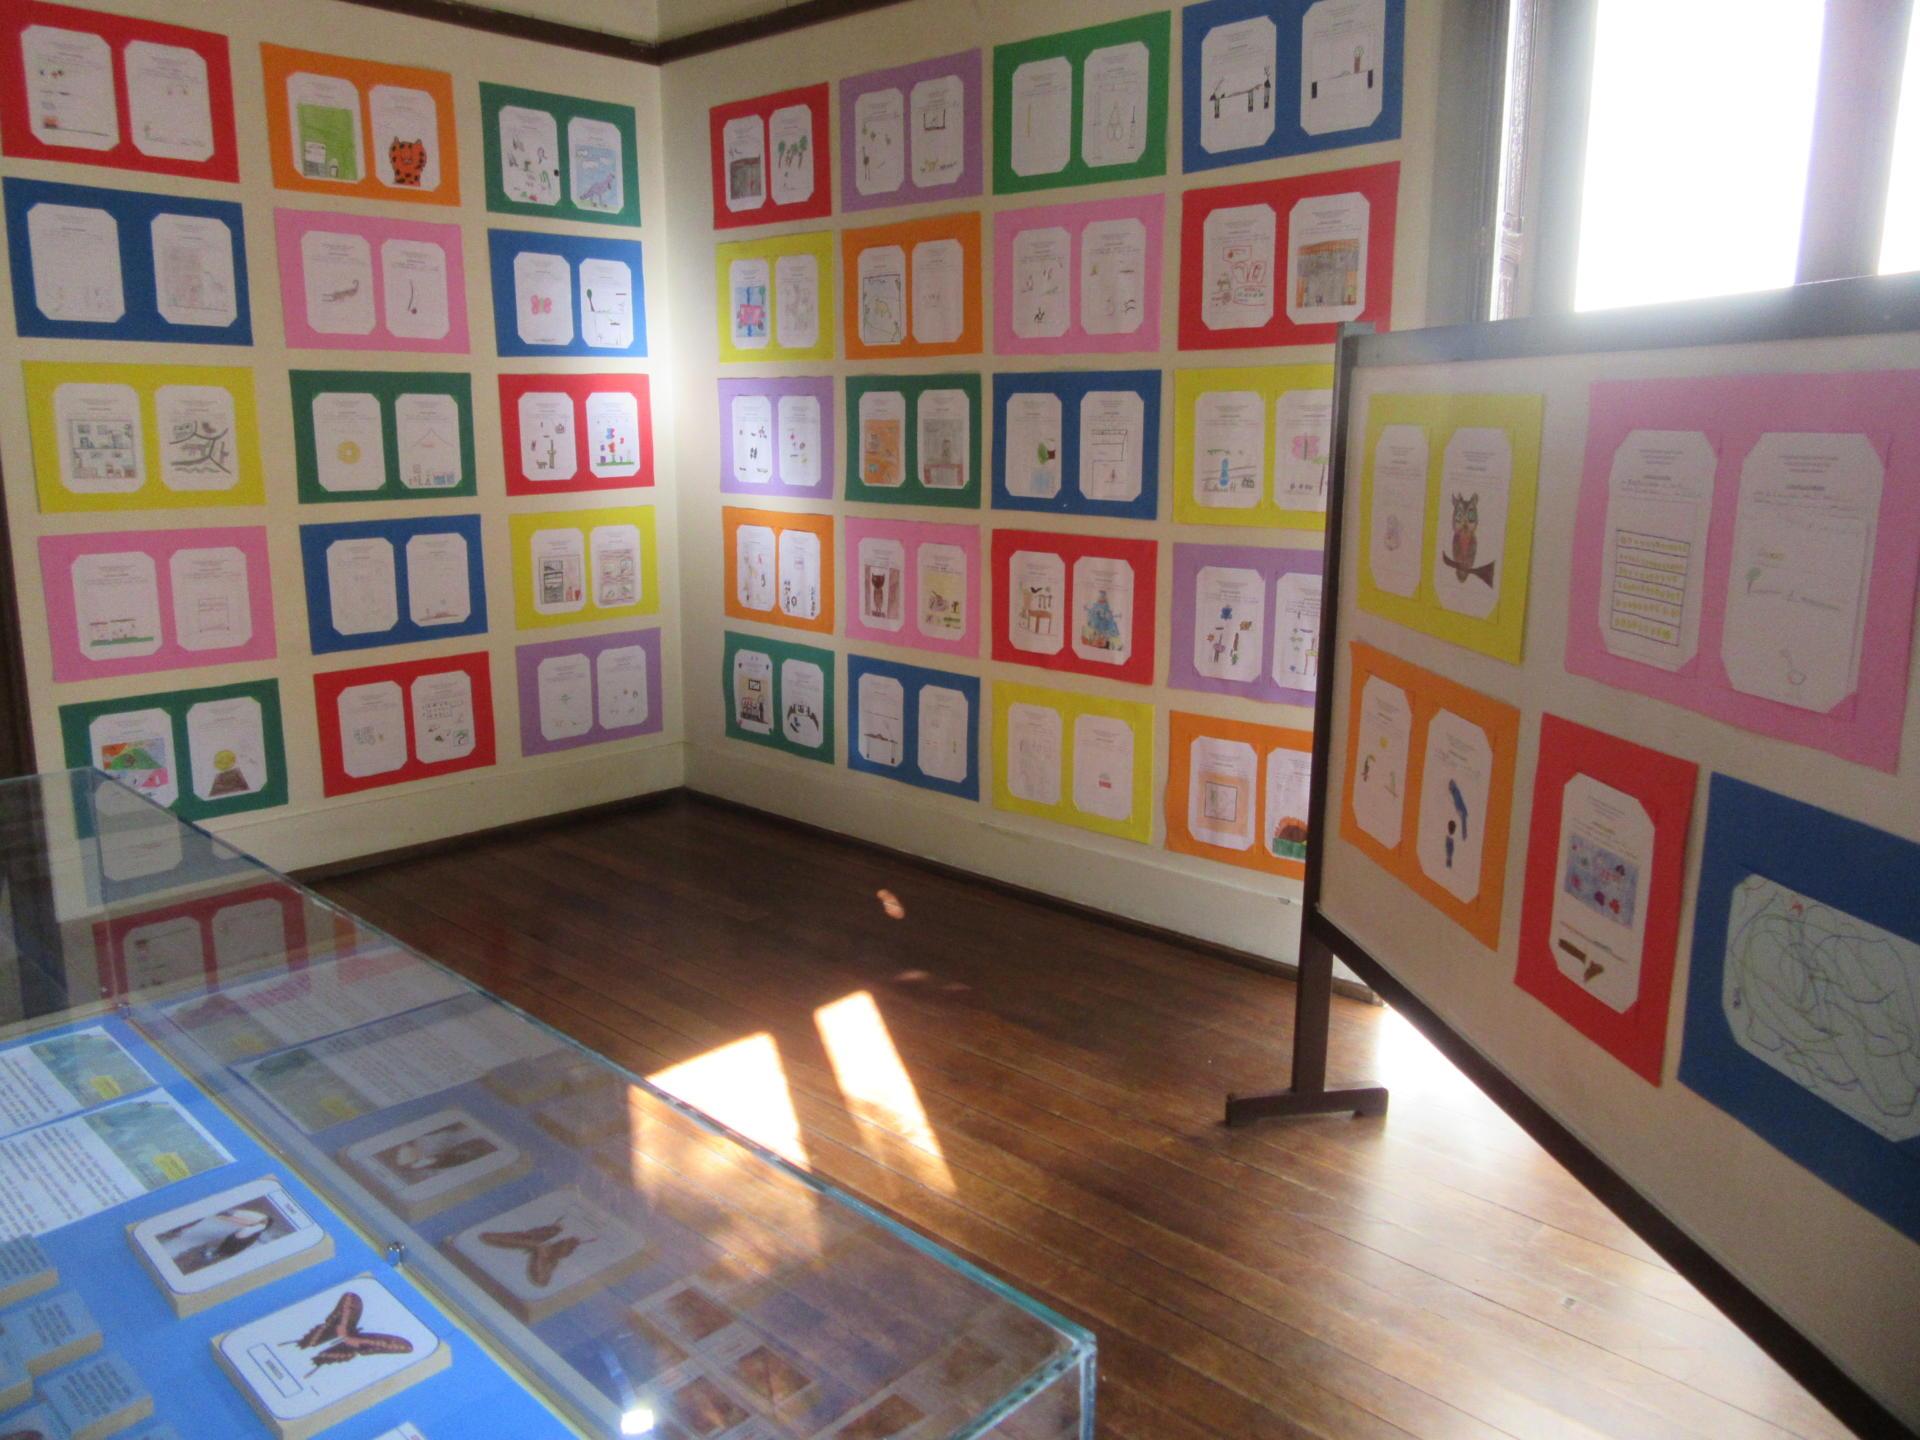 Foto horizontal em cores mostrando os desenhos feitos pelas crianças colados em cartazes coloridos fixados em painéis